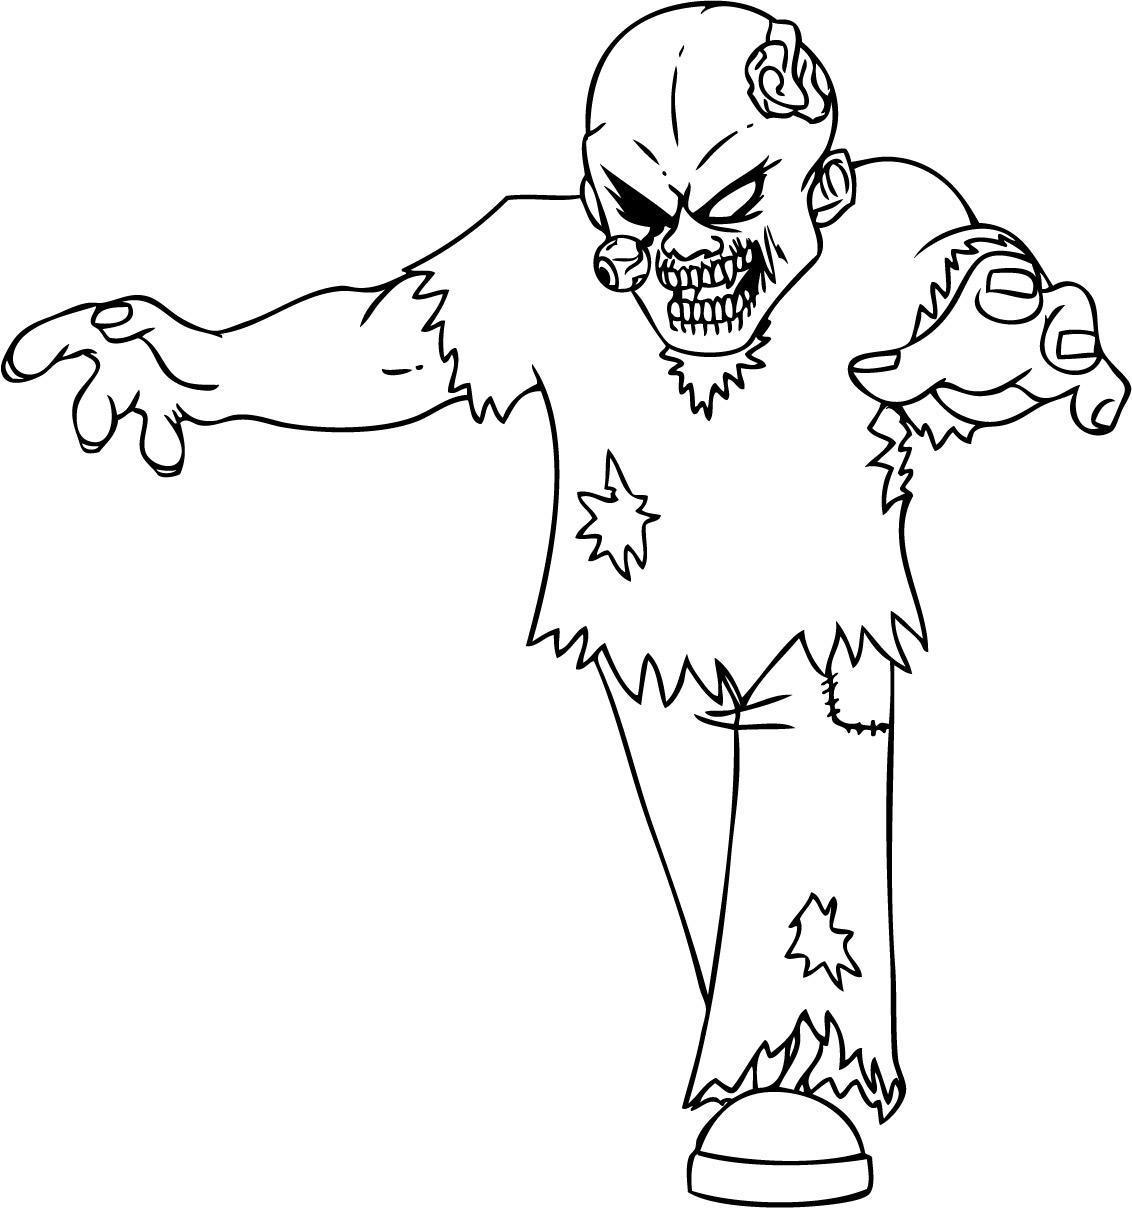 Зомби без глаза Распечатать раскраски для мальчиков